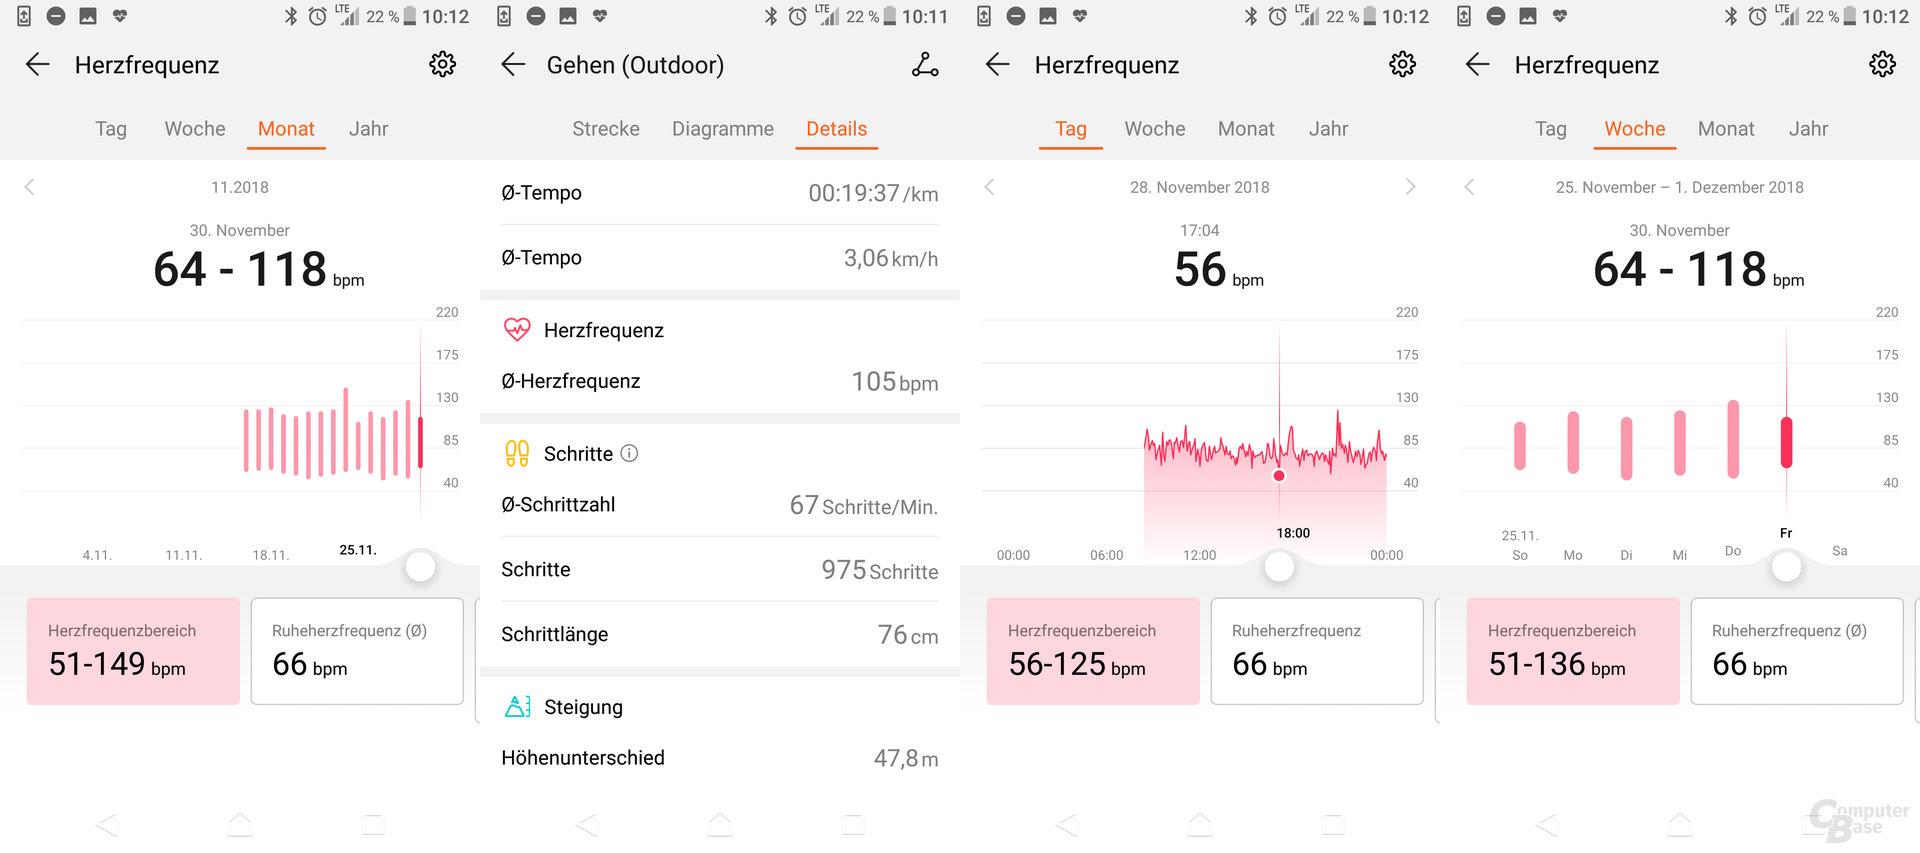 Health-App: Herzfrequenzübersicht